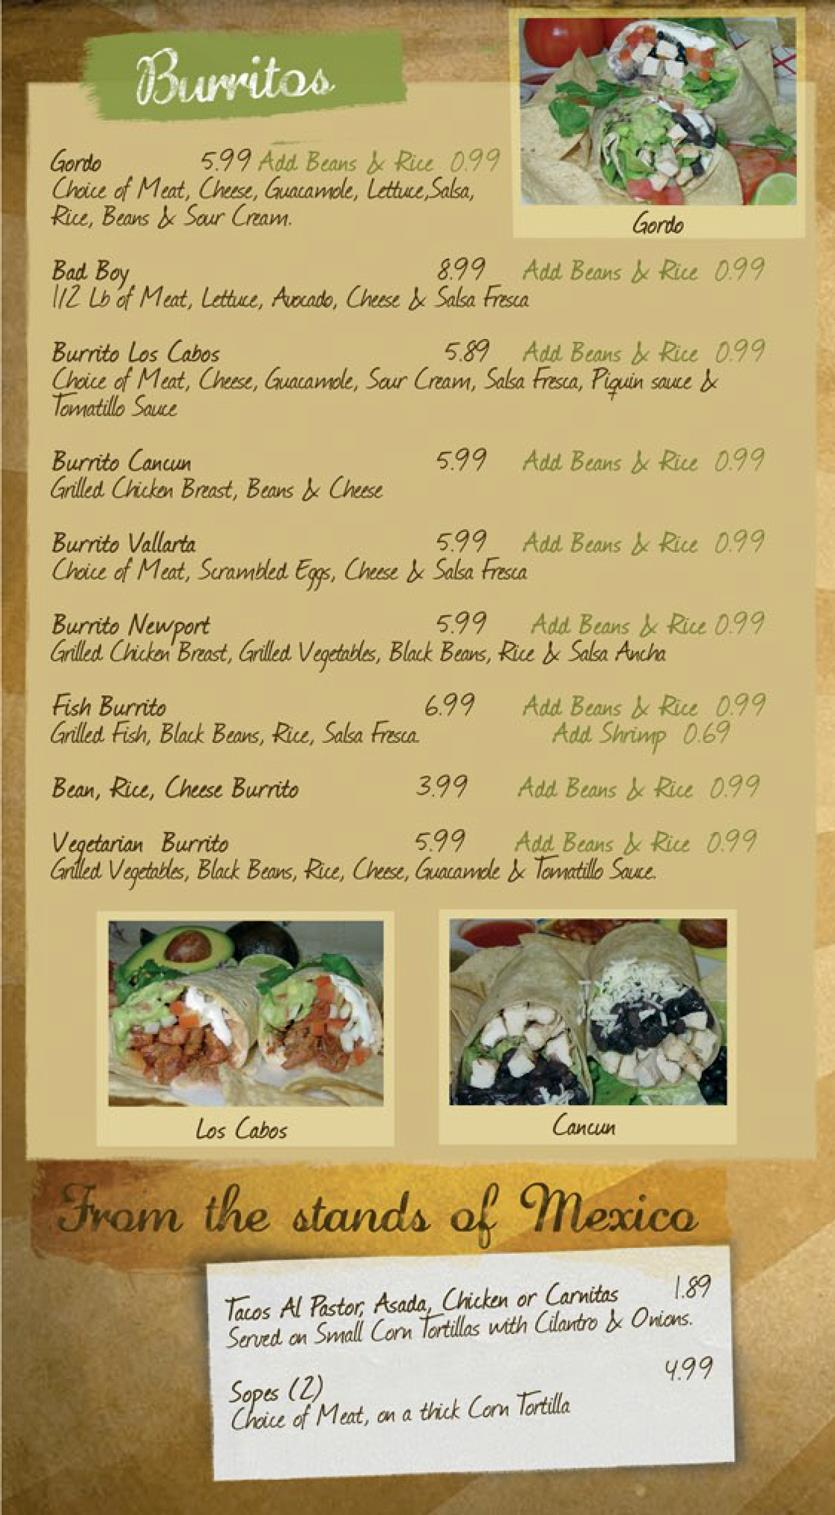 Tacos-Co-Irvine-restaurant-menus-1242450-TacosCo_Menu_4